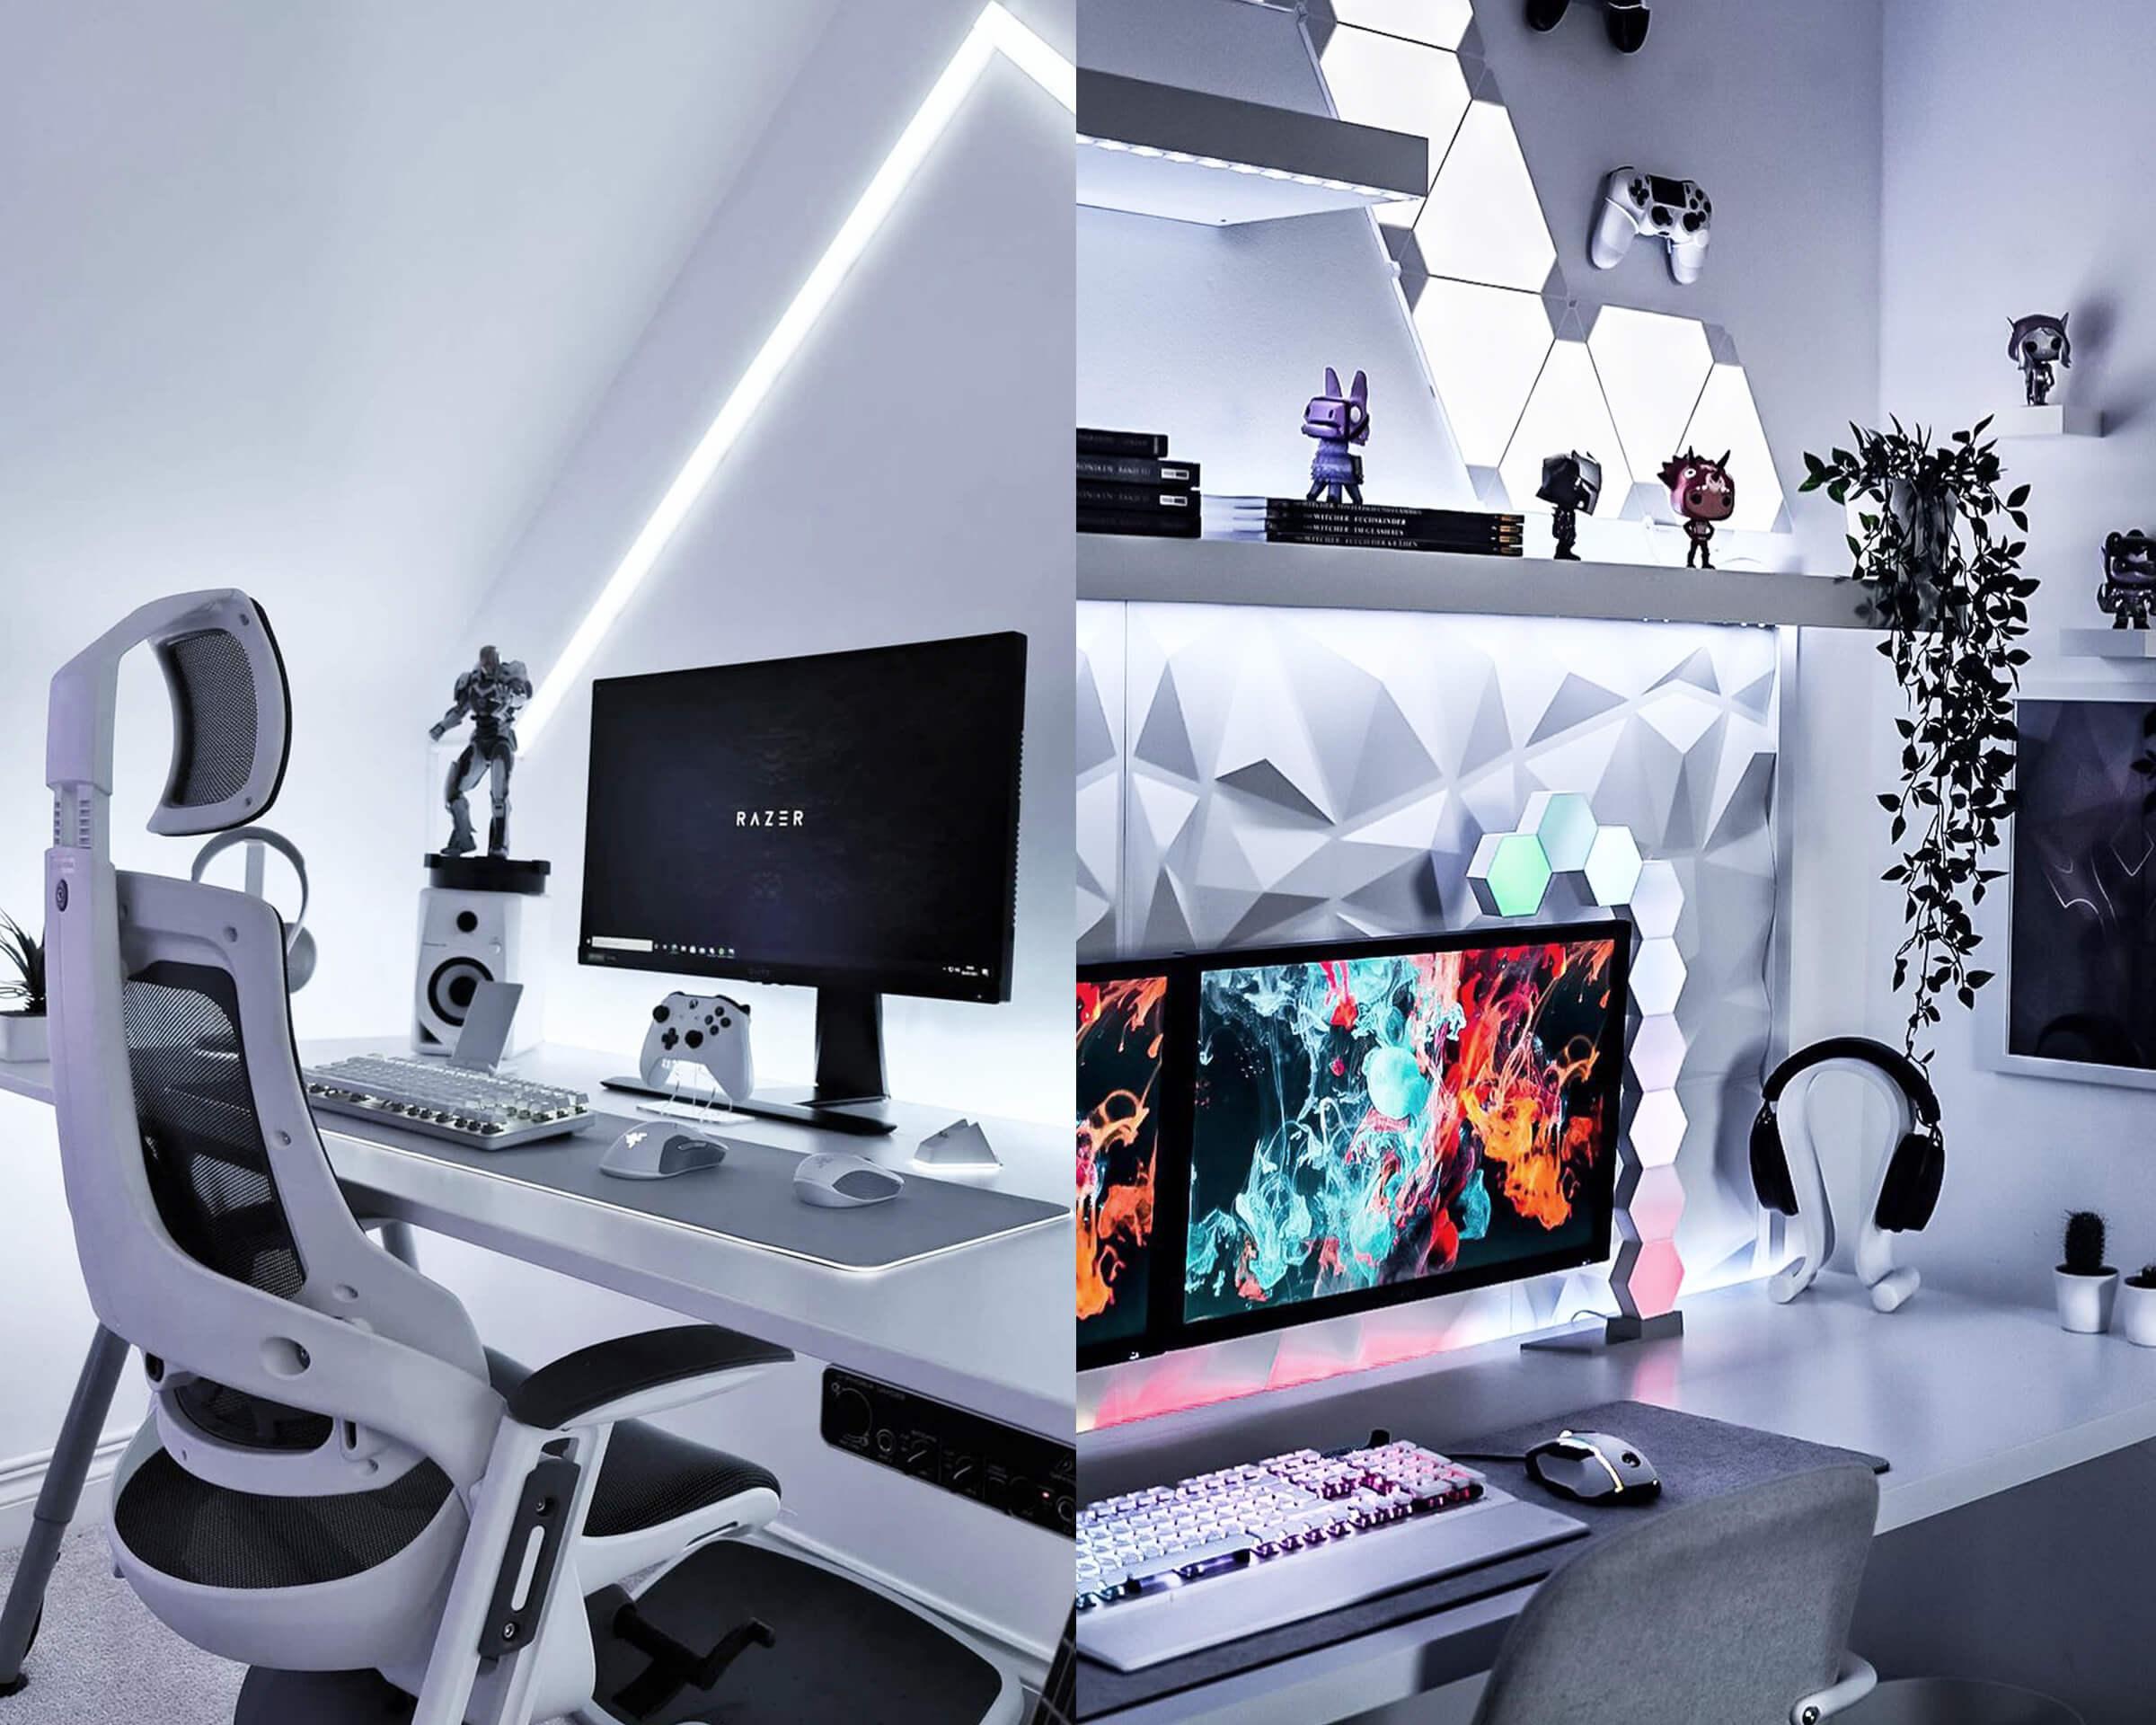 All-White LED Desk Backlighting